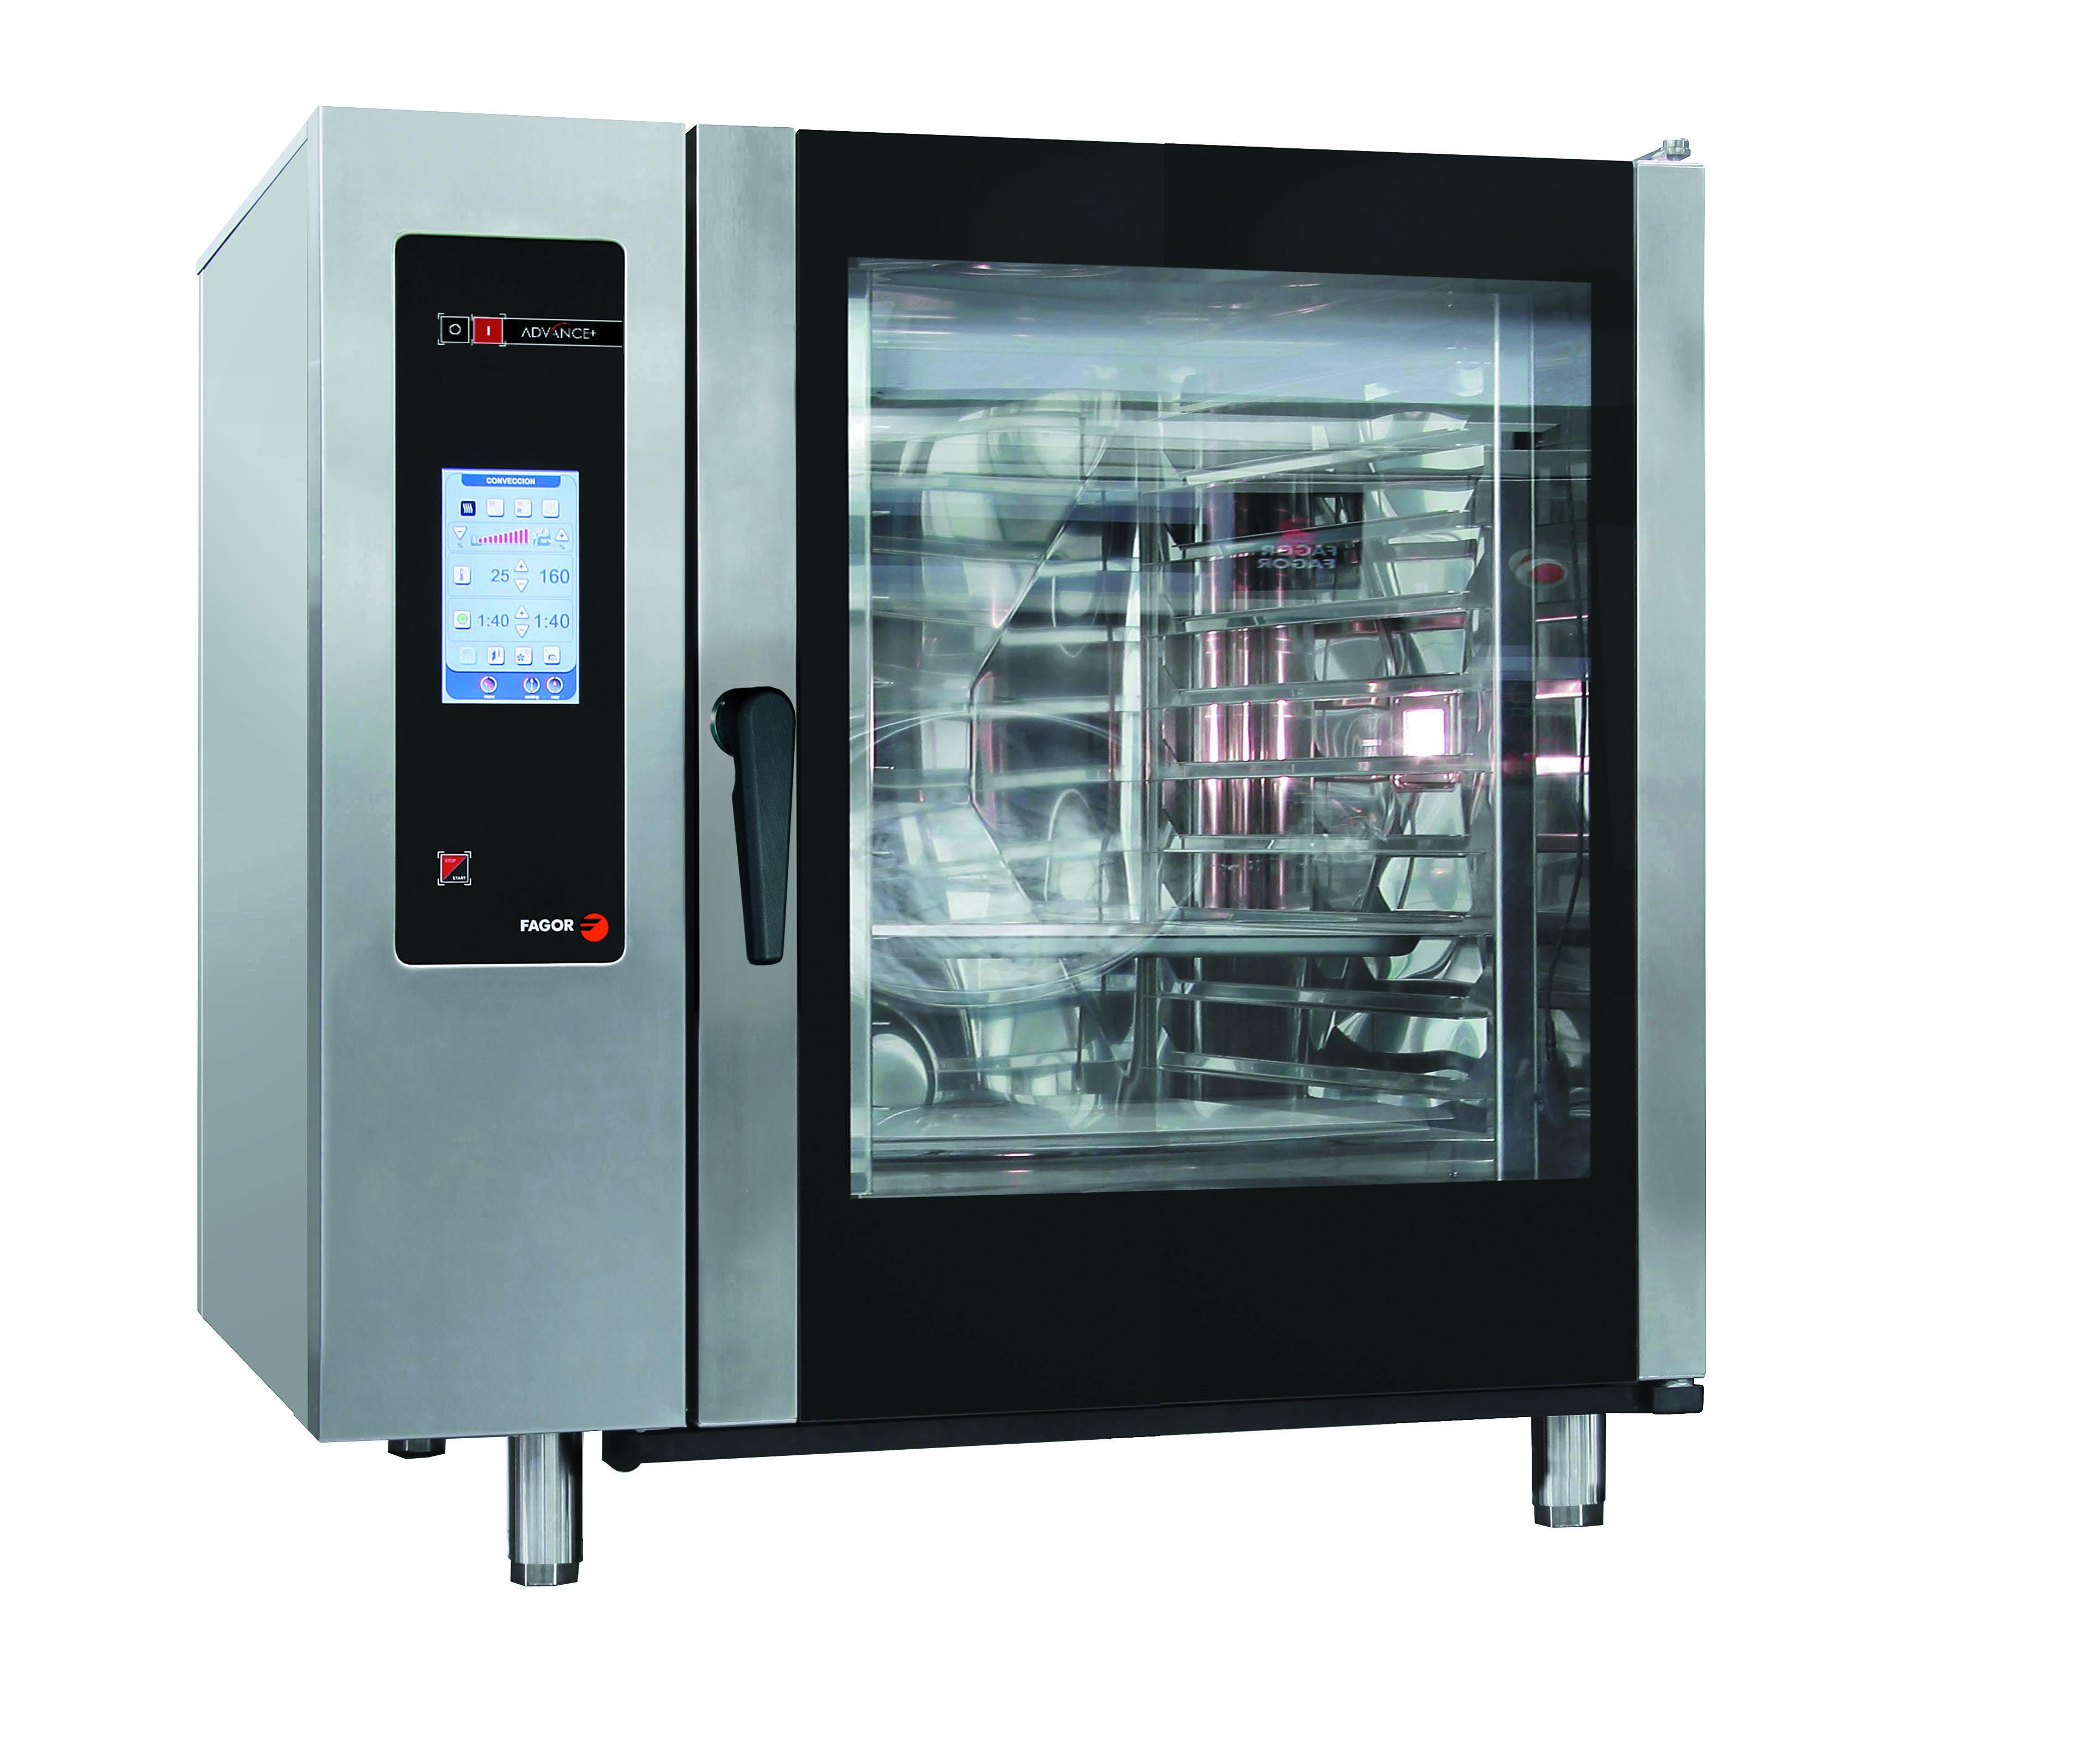 Fagor APG-102 萬能蒸烤箱(瓦斯型)